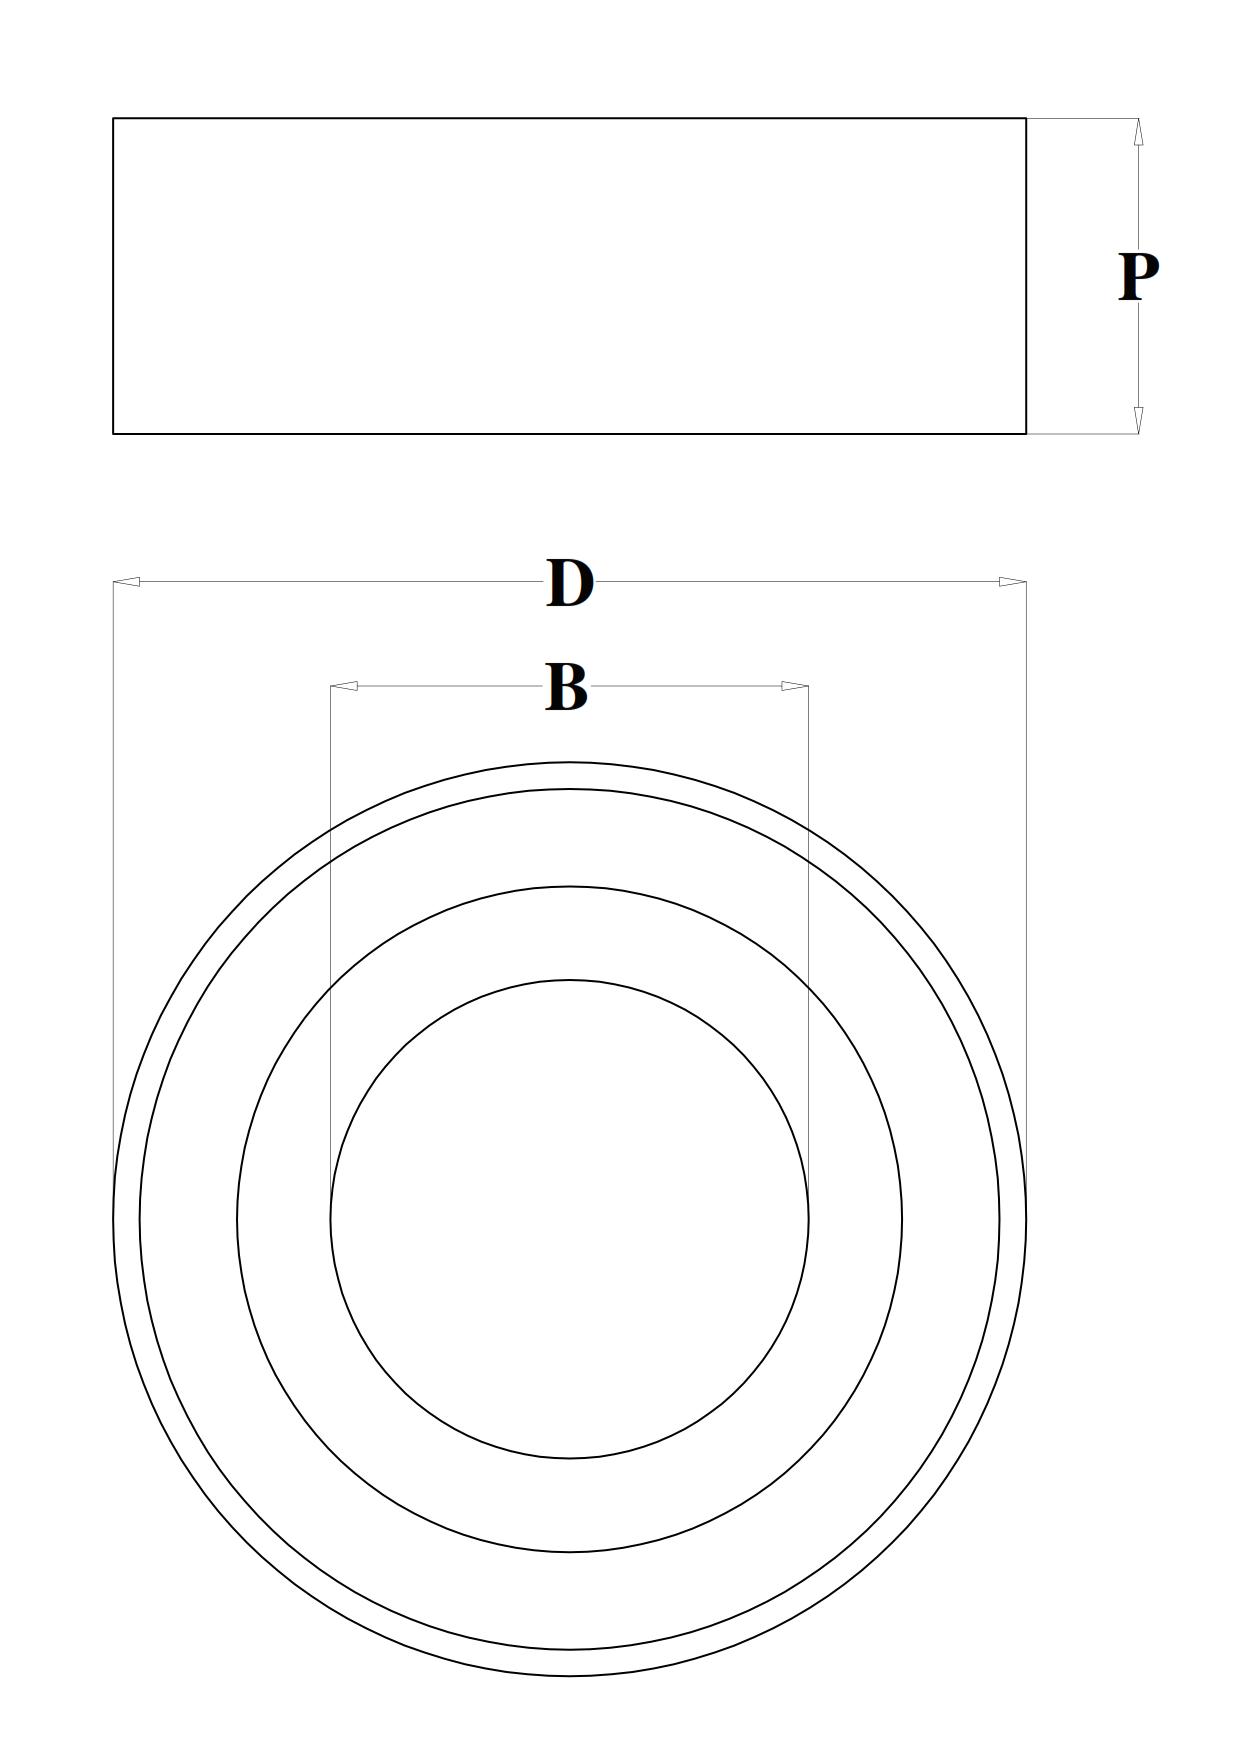 Anelli di serraggio cuscinetto - scheda tecnica